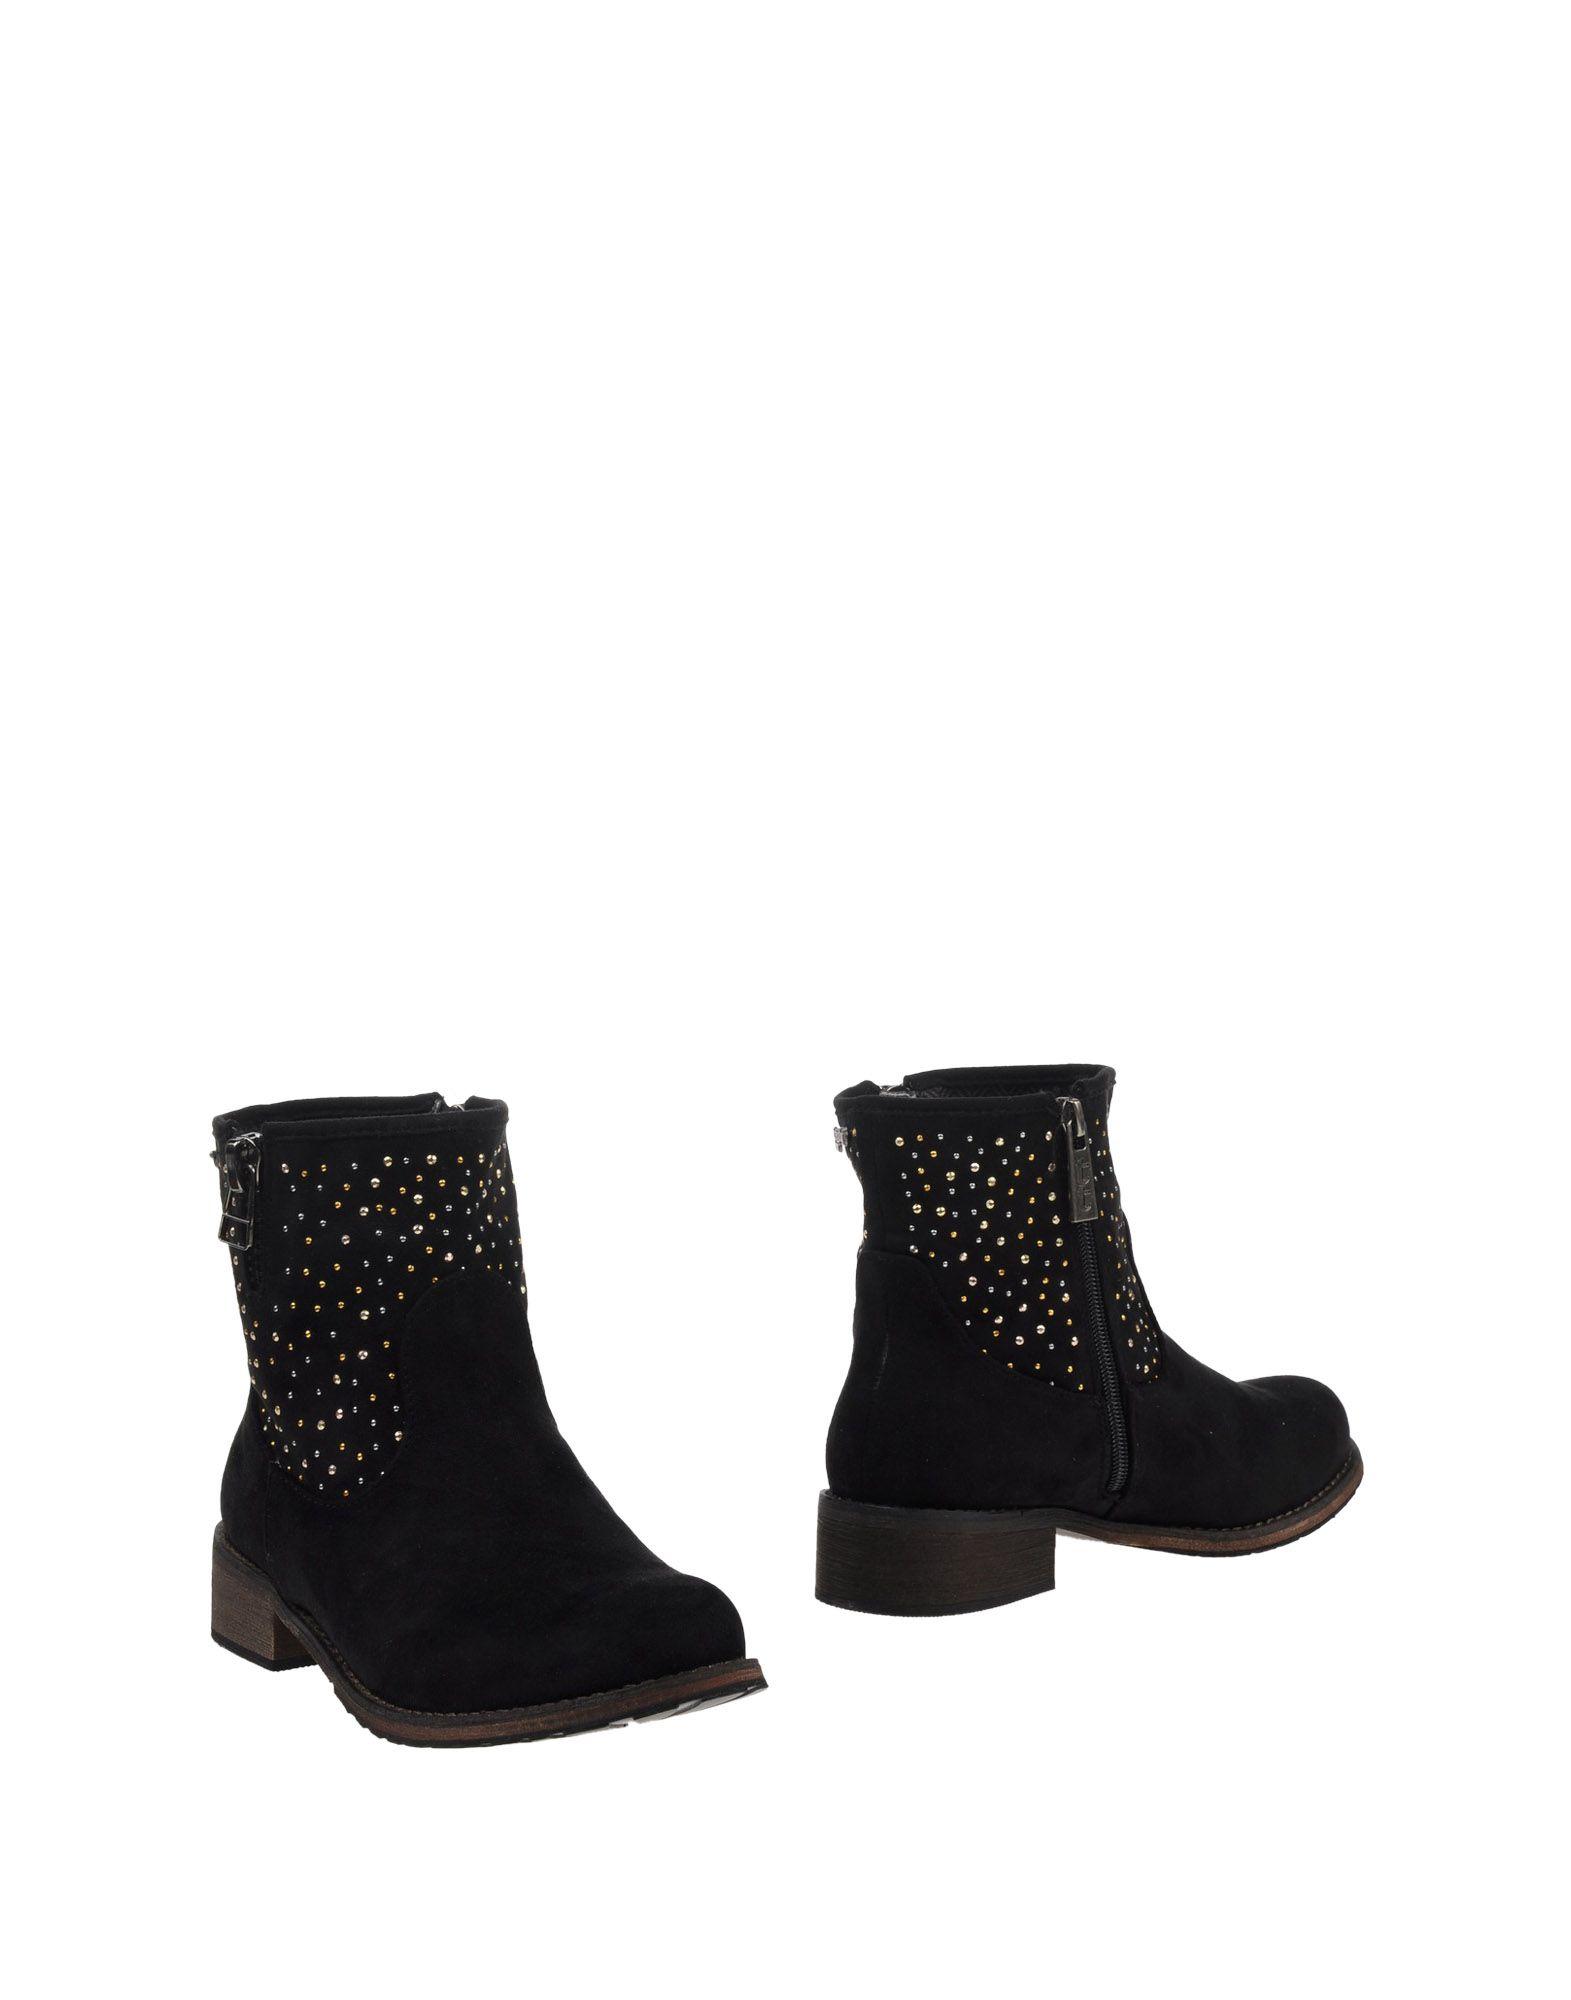 ФОТО trendy too Полусапоги и высокие ботинки